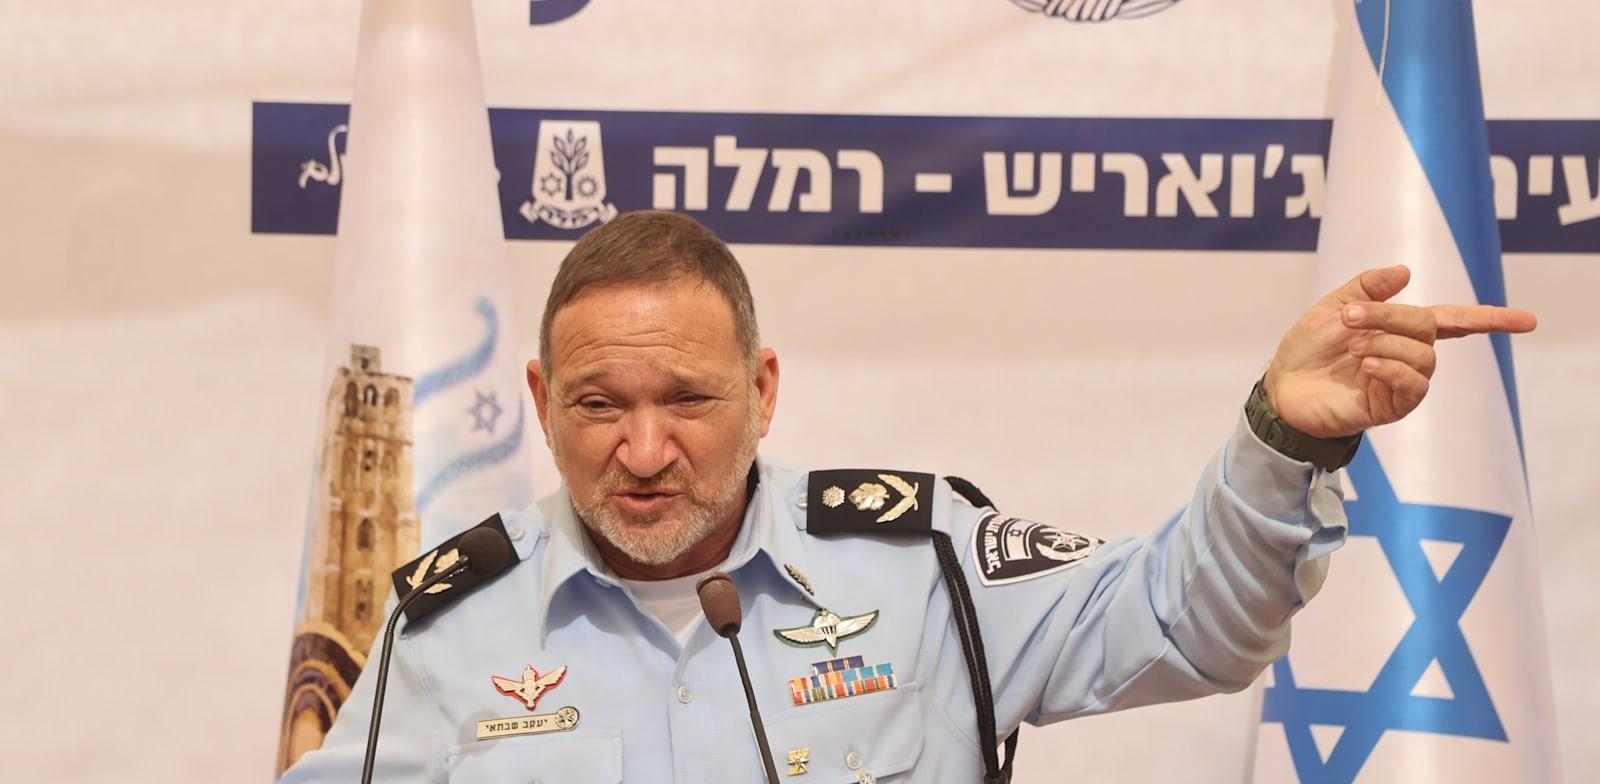 """מפכ""""ל המשטרה, רב-ניצב יעקב שבתאי / צילום: יריב כץ, """"ידיעות אחרונות"""""""